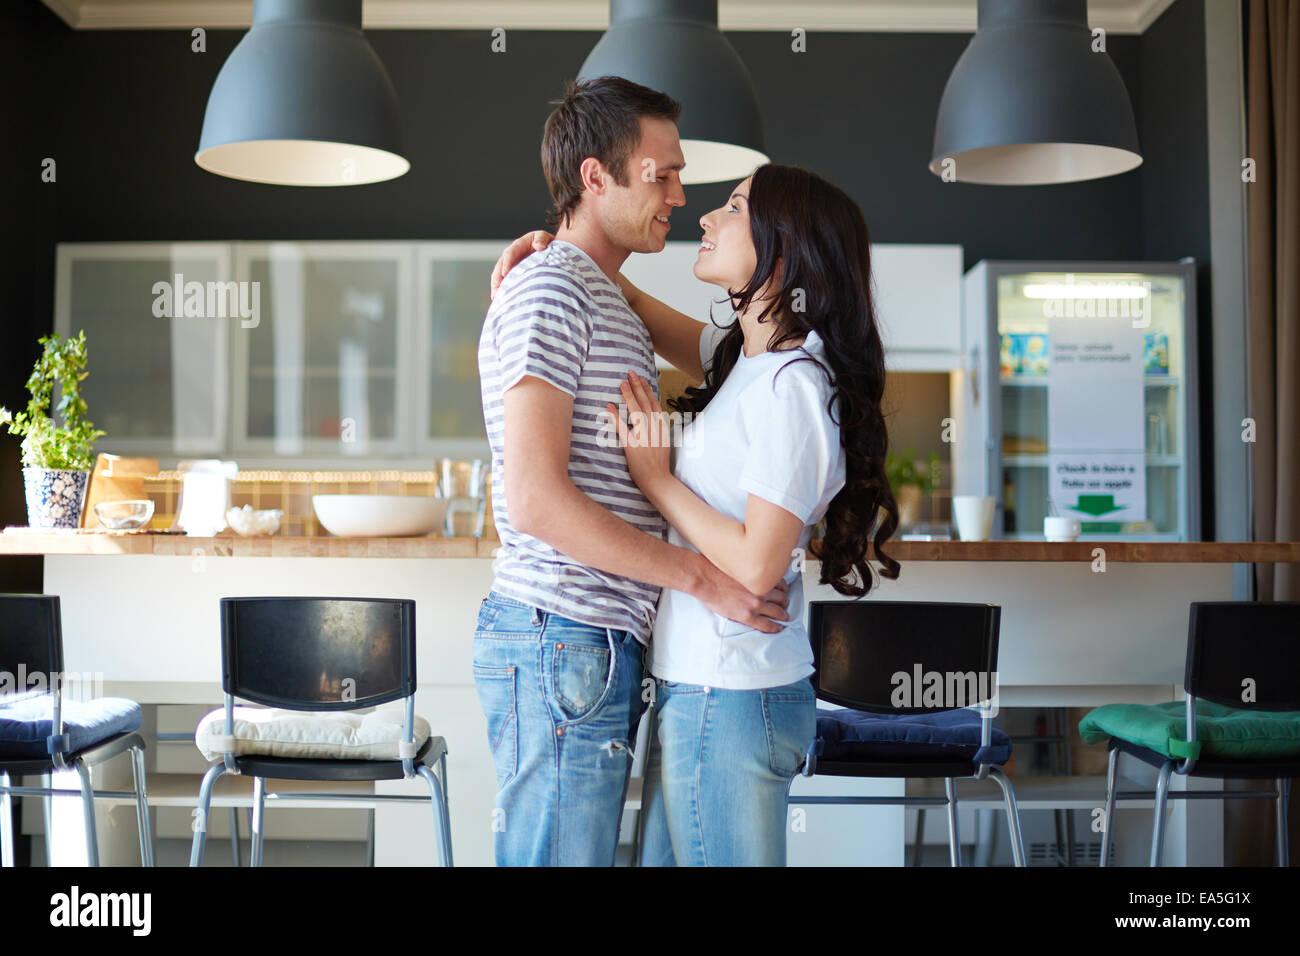 Amorosi l uomo e la donna che guarda ad un altro con un sorriso Immagini Stock